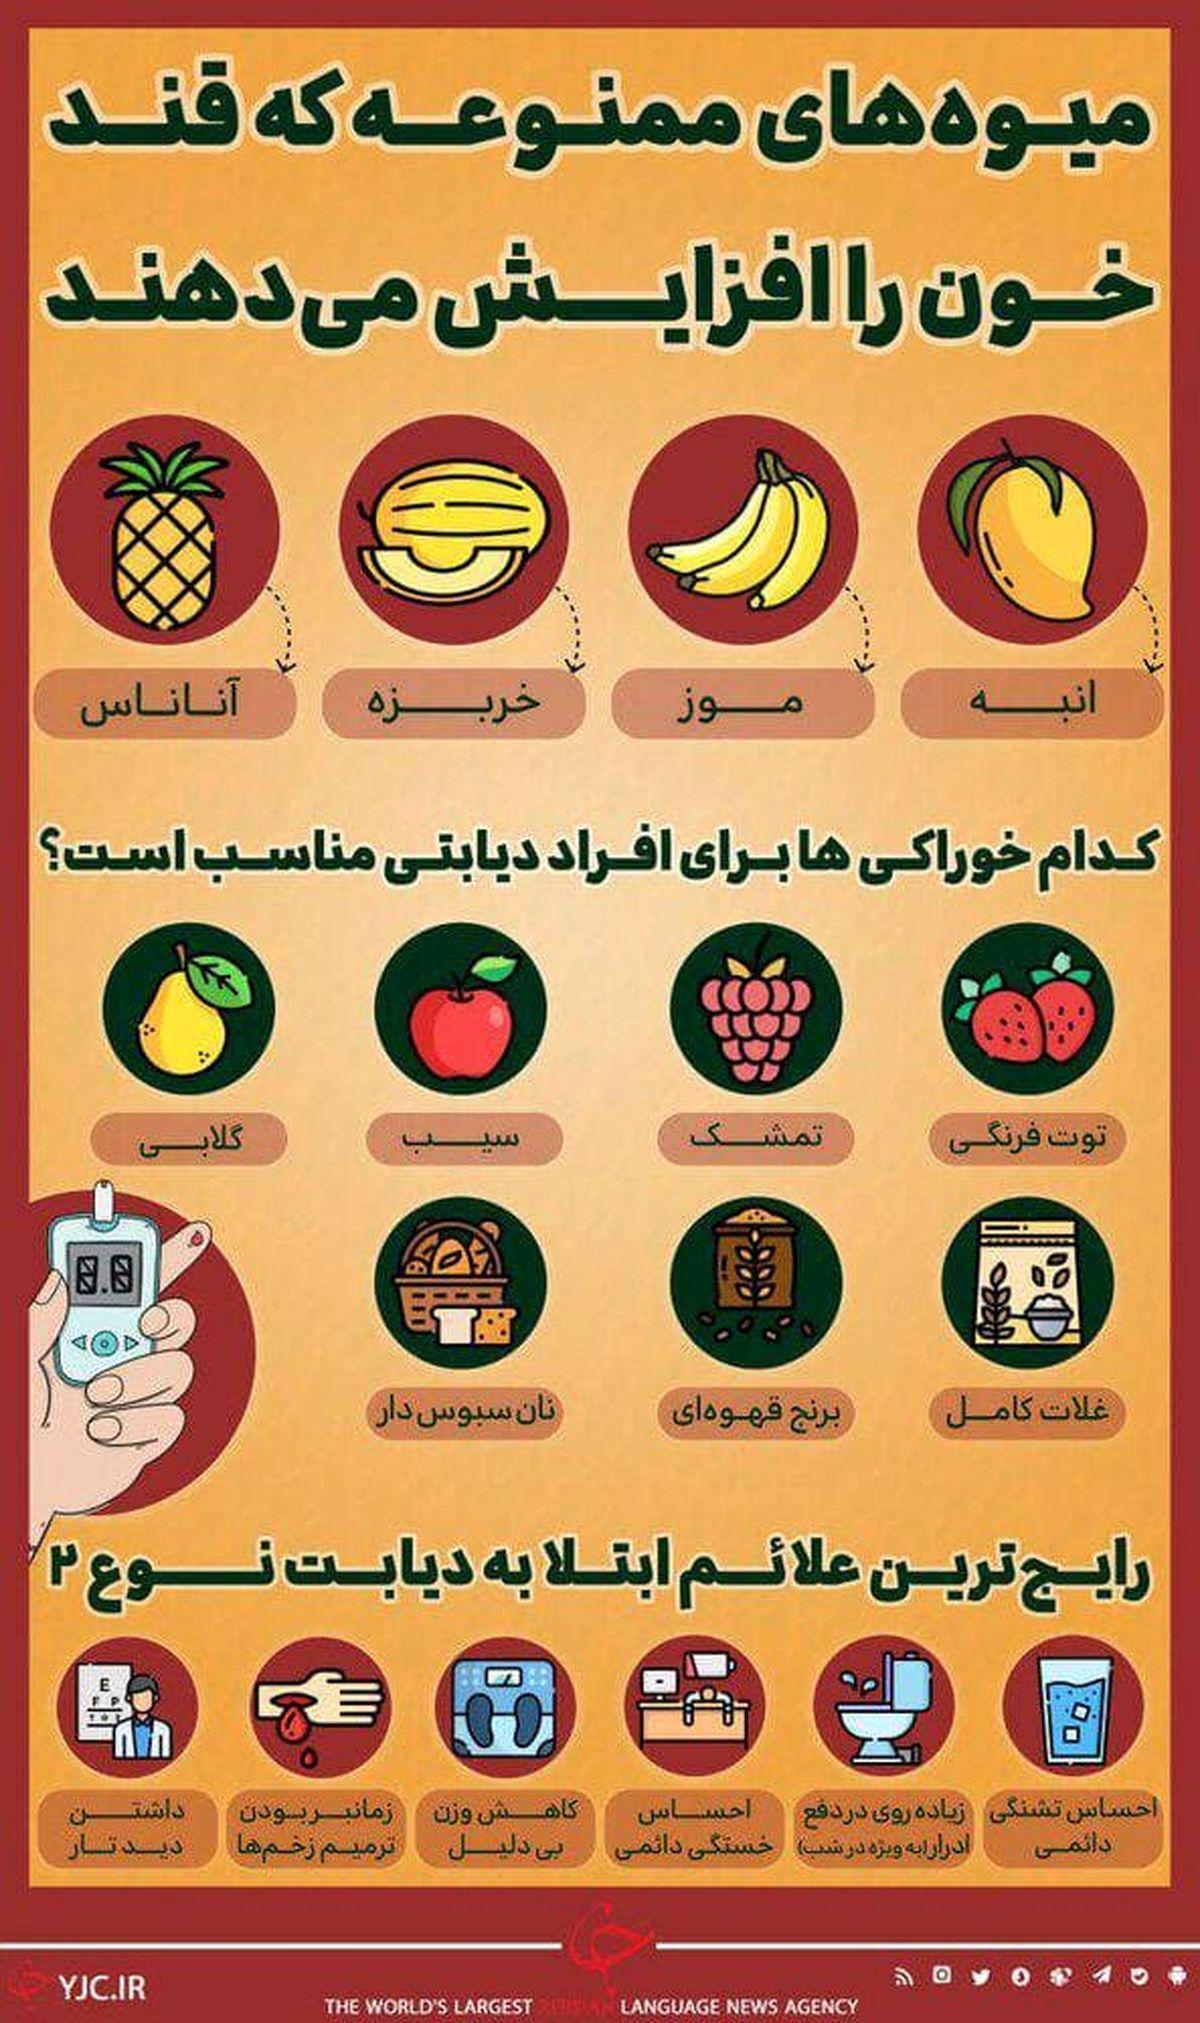 میوههای ممنوعه که قند خون را افزایش میدهند + اینفوگرافیک